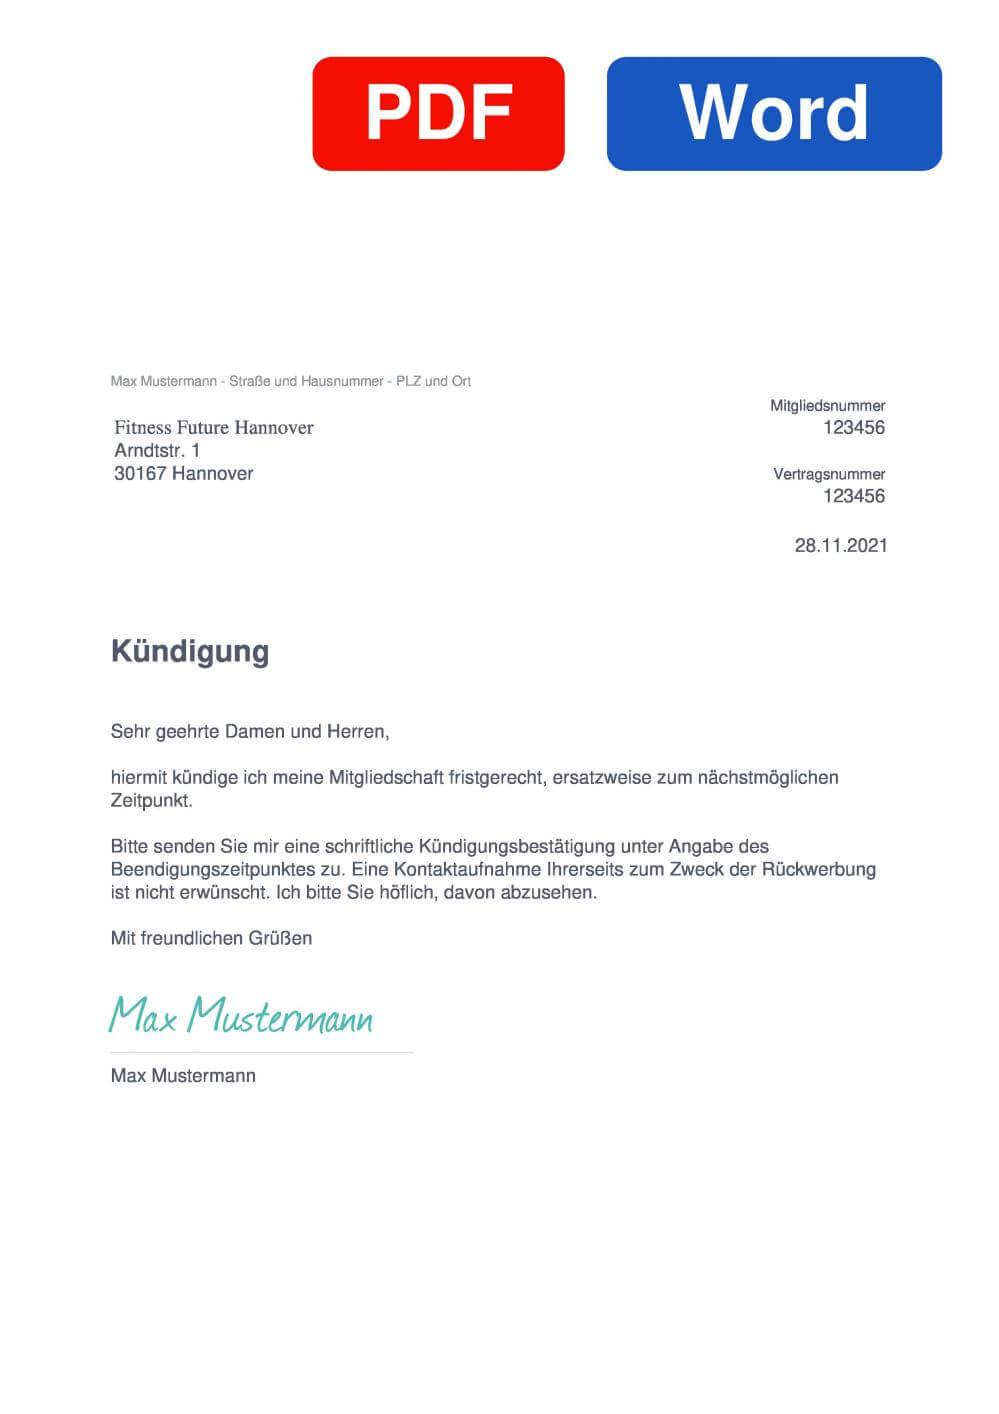 FitnessFuture Hannover Muster Vorlage für Kündigungsschreiben